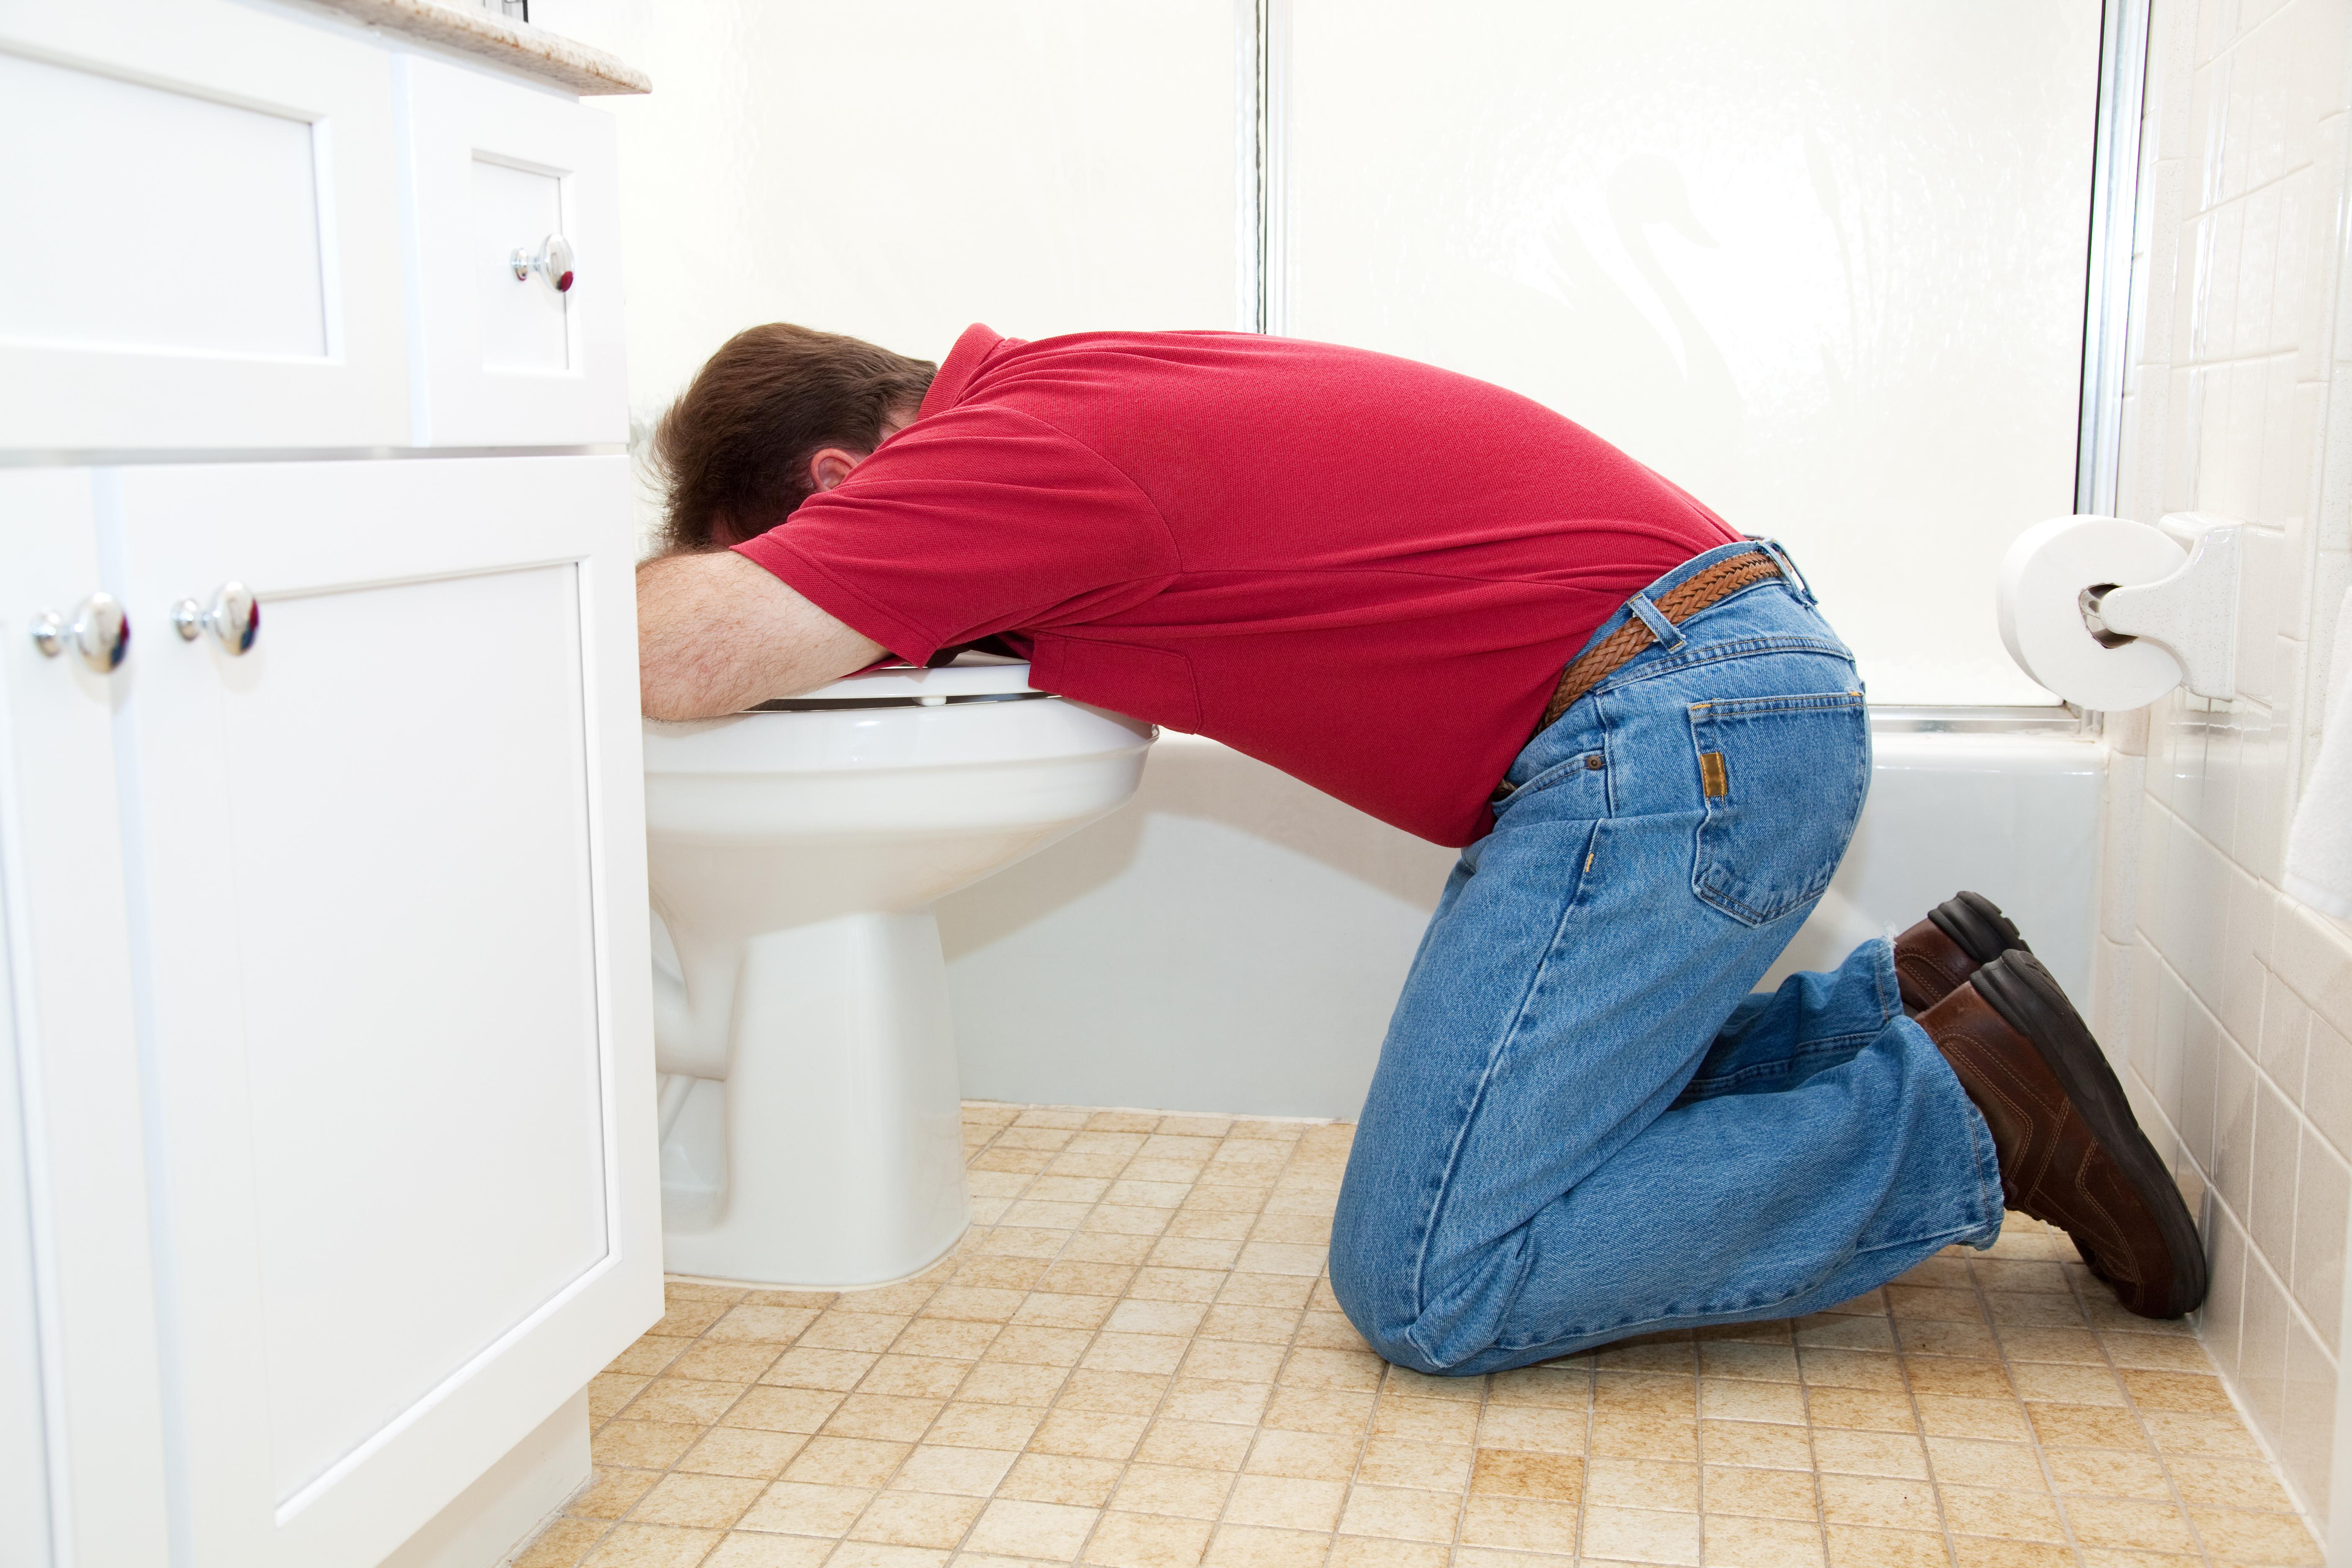 Vinterkräksjukan är en mag-tarmsjukdom som orsakas av ett virus som smittar mycket lätt. Vinterkräksjuka börjar plötsligt med kräkningar, diarréer och magsmärtor.